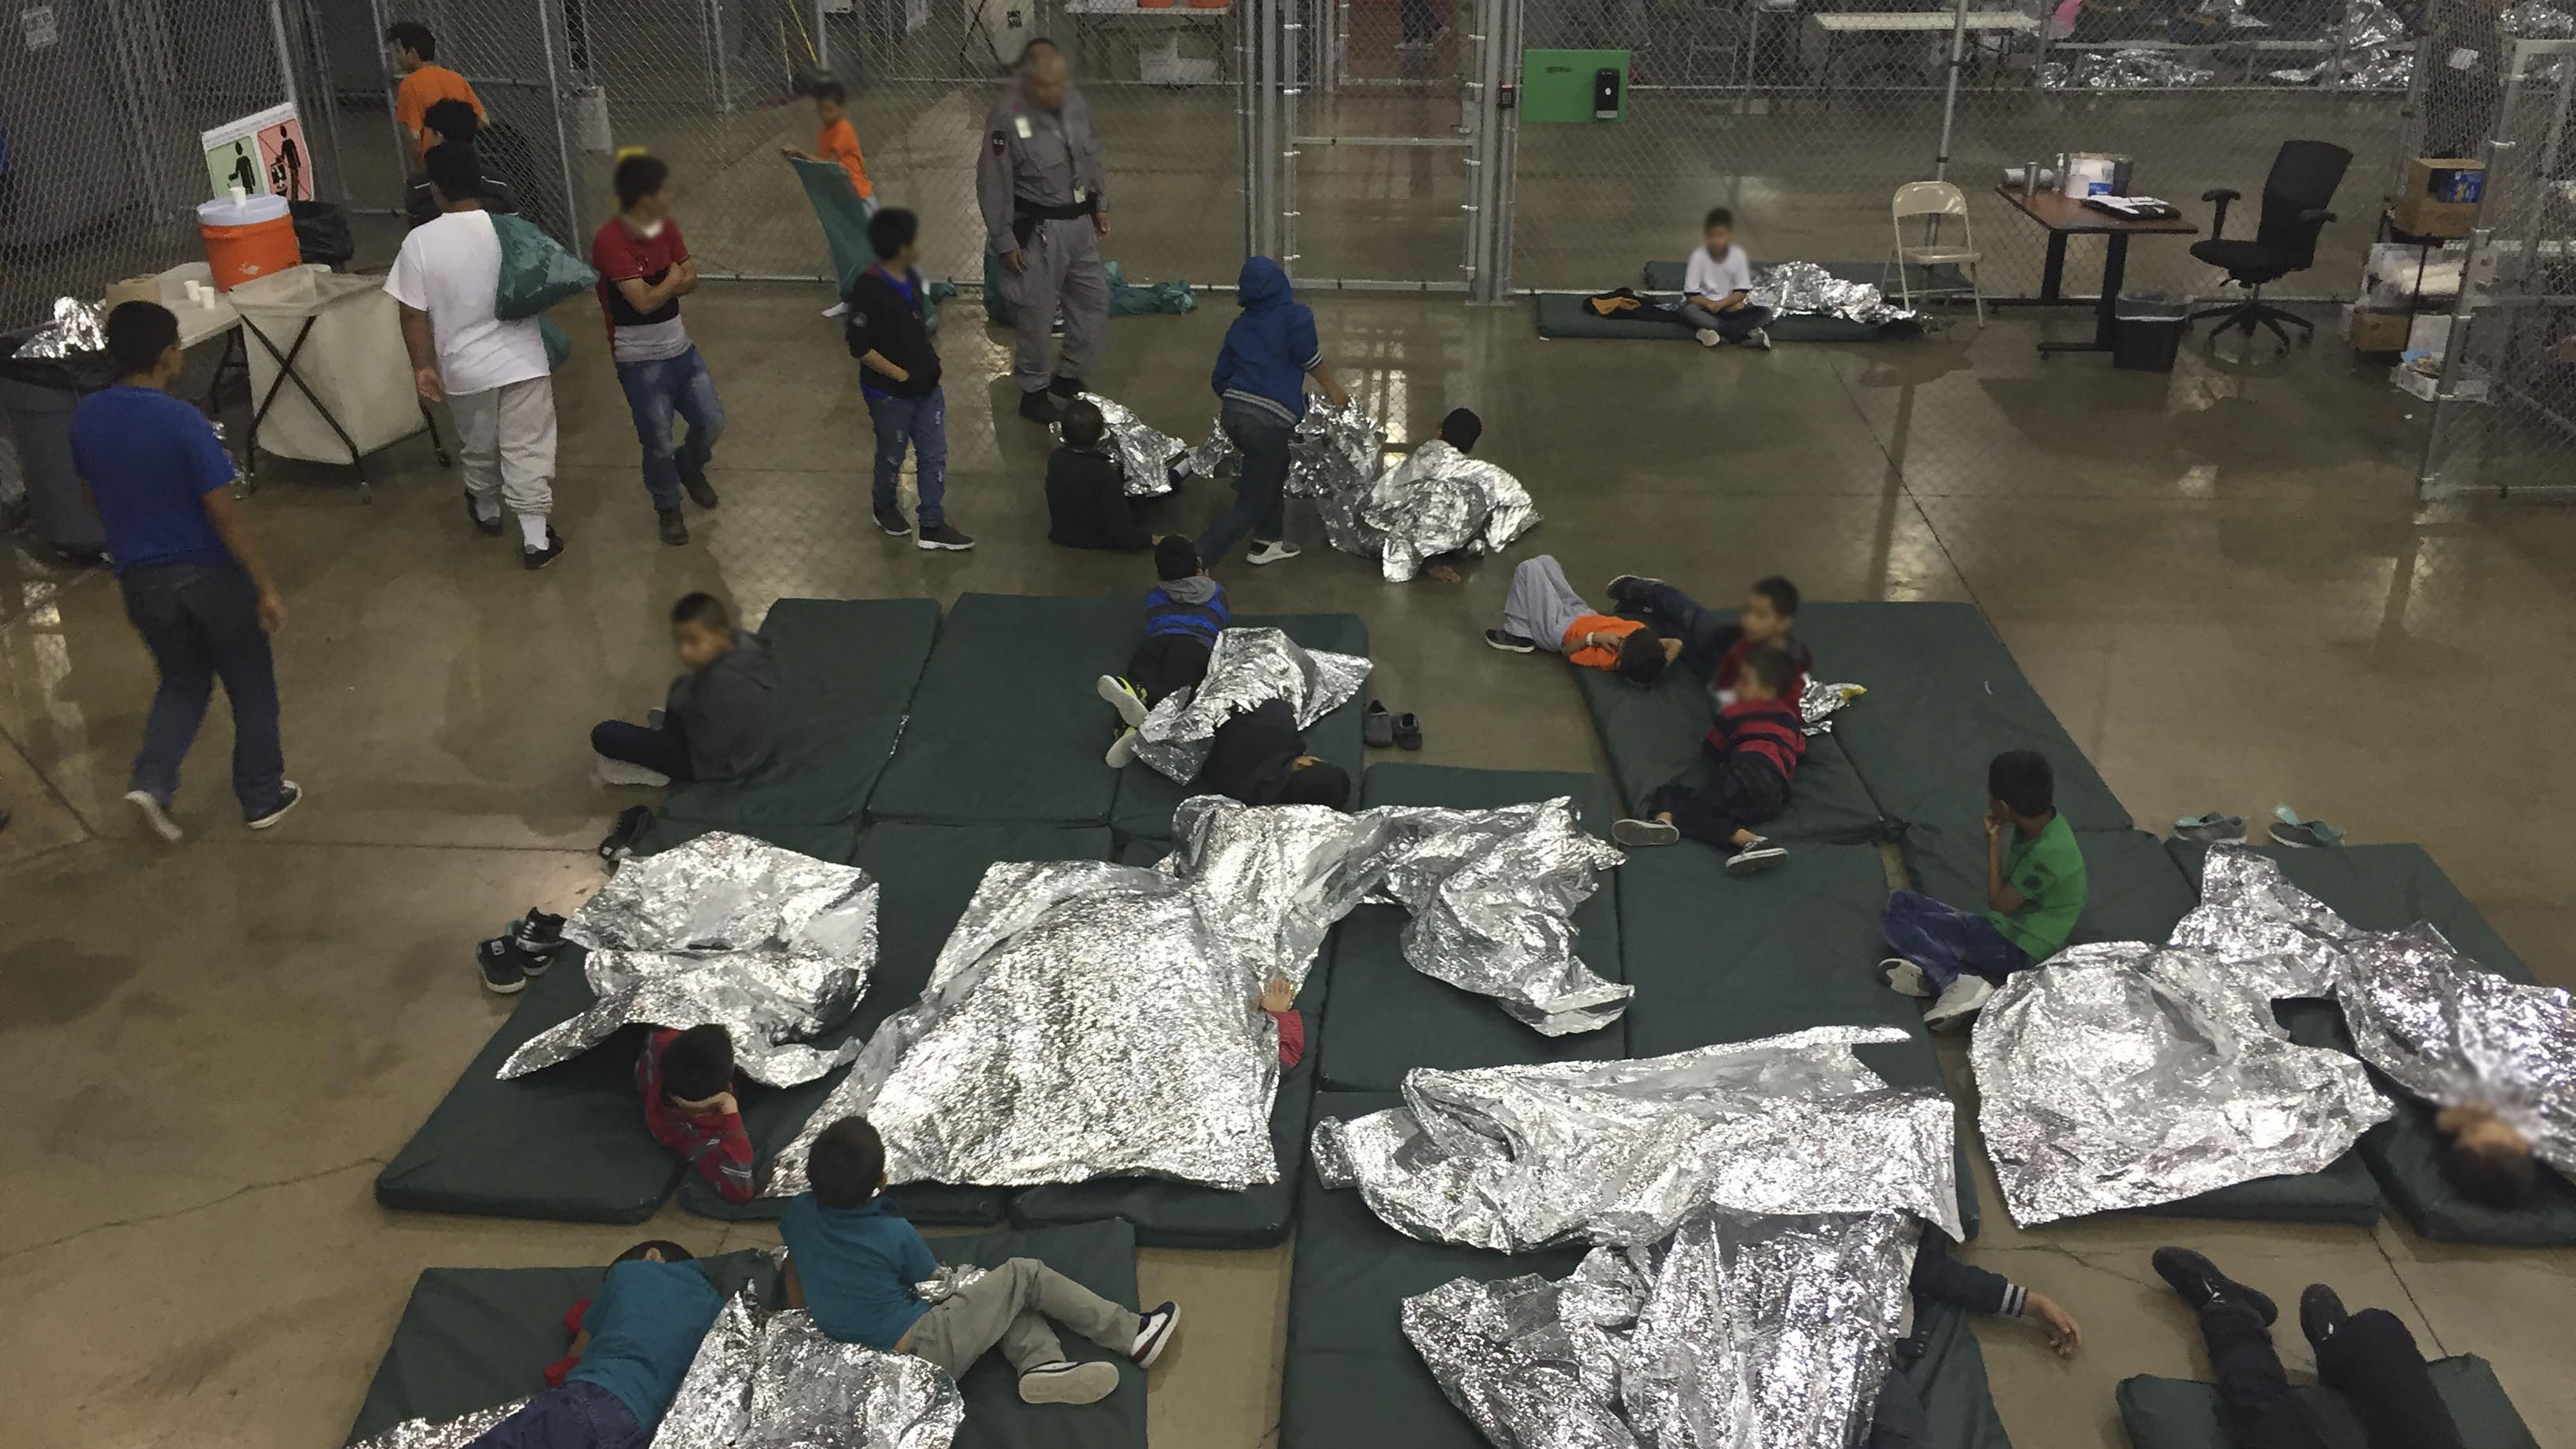 Tim Cook llama a poner fin a la separación 'inhumana' de familias inmigrantes